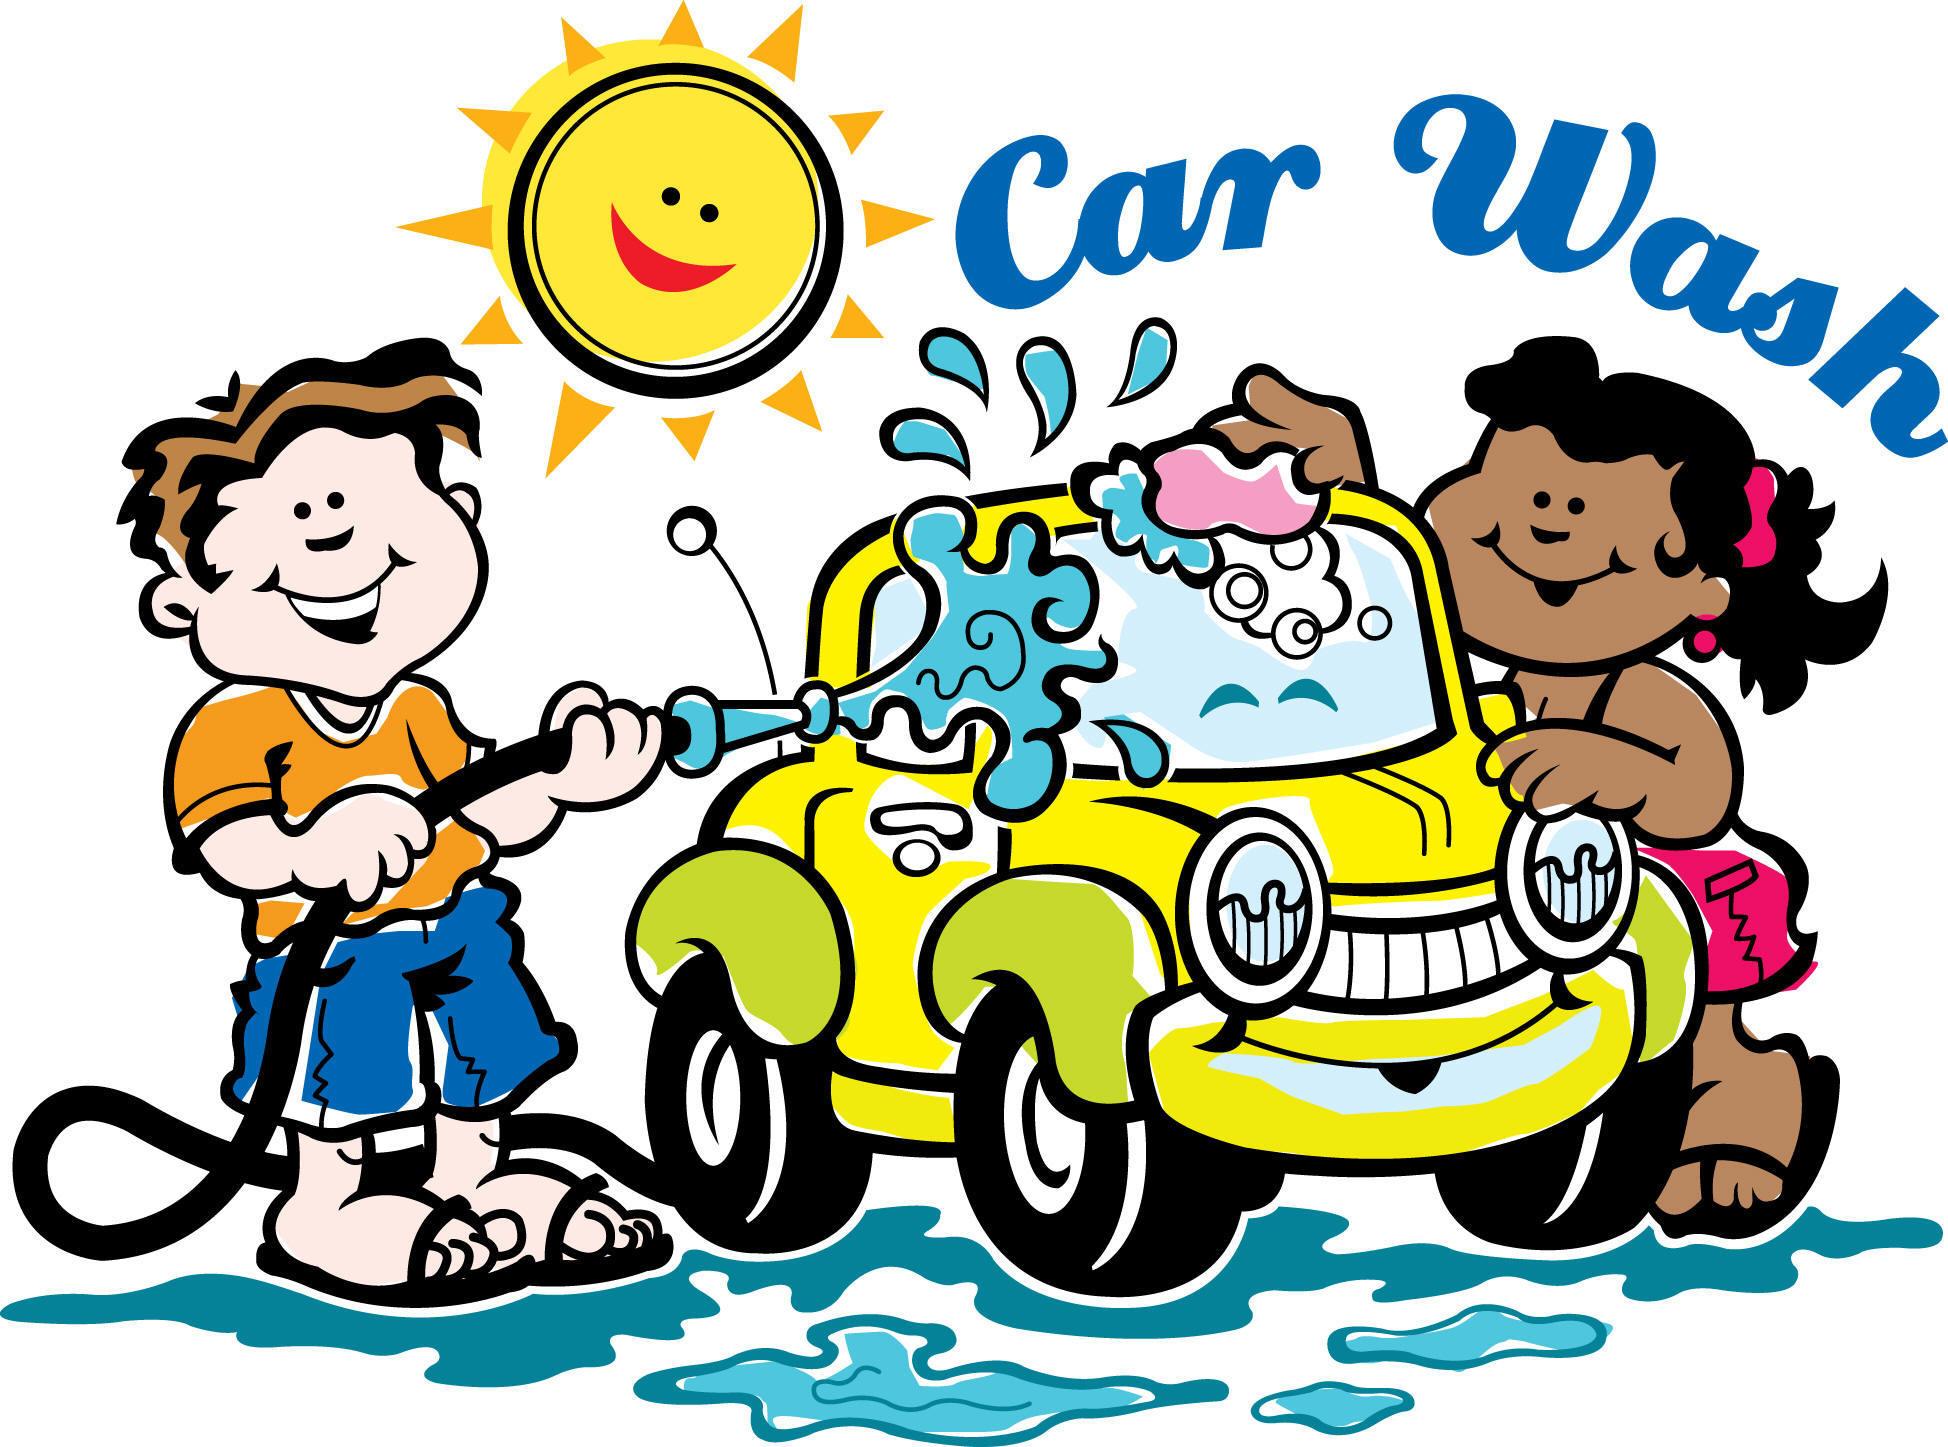 carwash.jpg